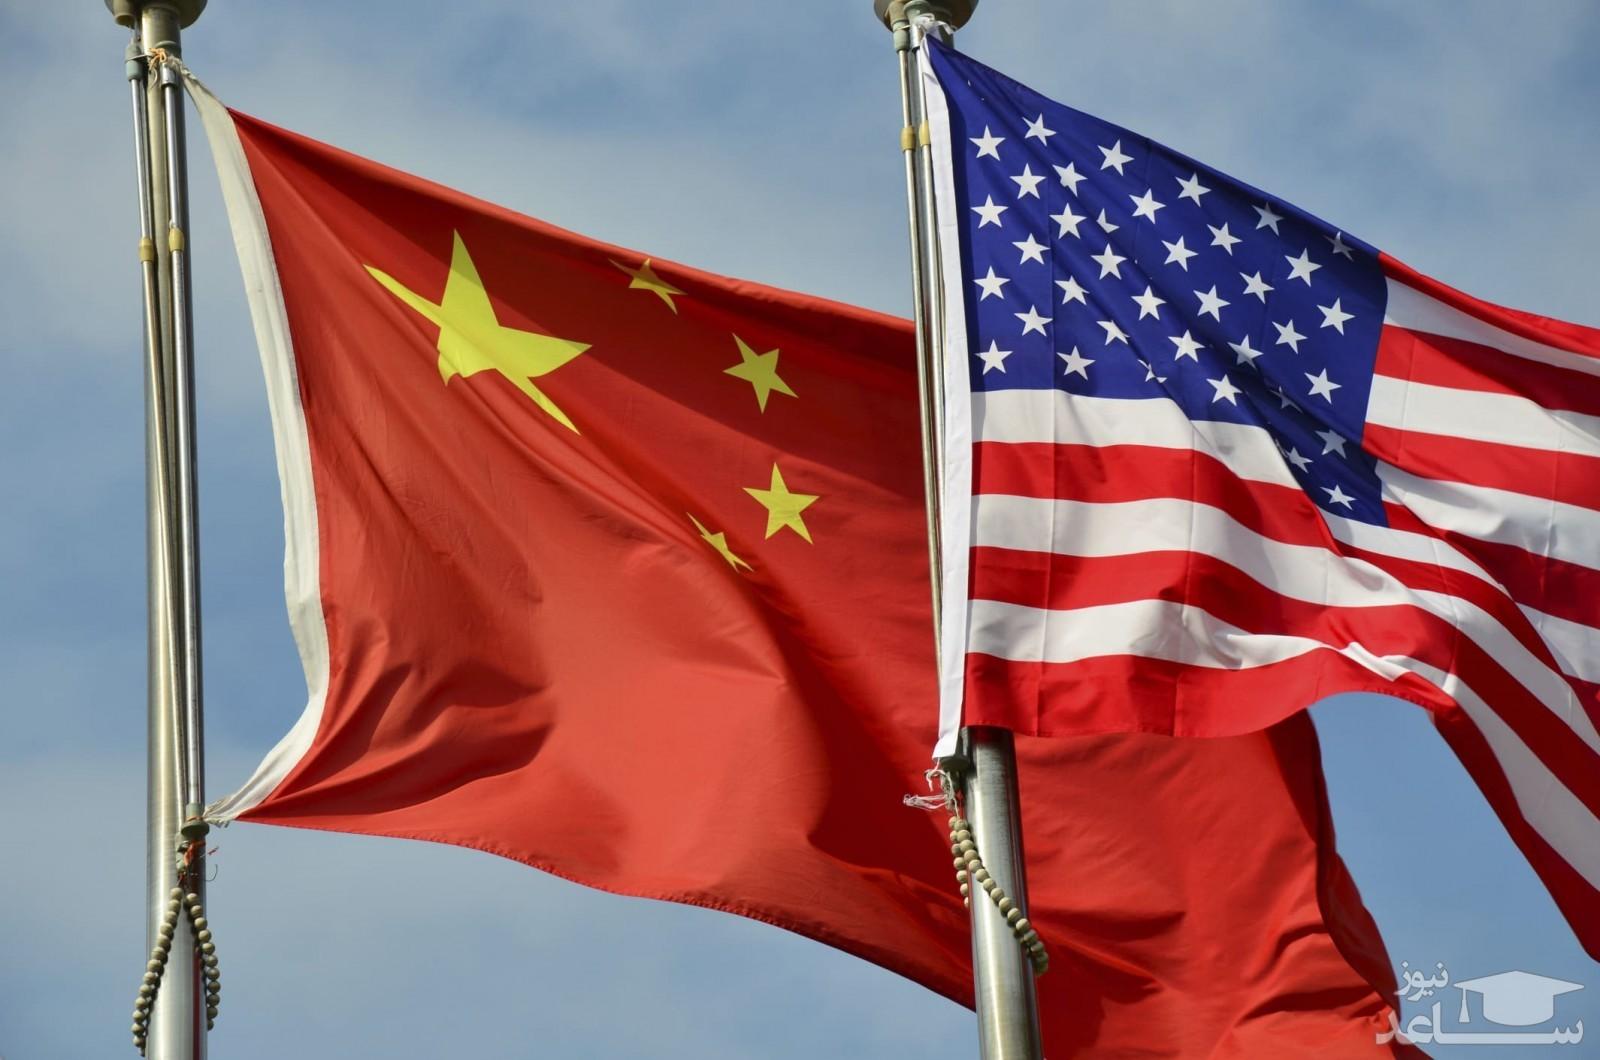 سخنگوی وزارت خارجه آمریکا: چین خبرنگاران خارجی را آزار می دهد